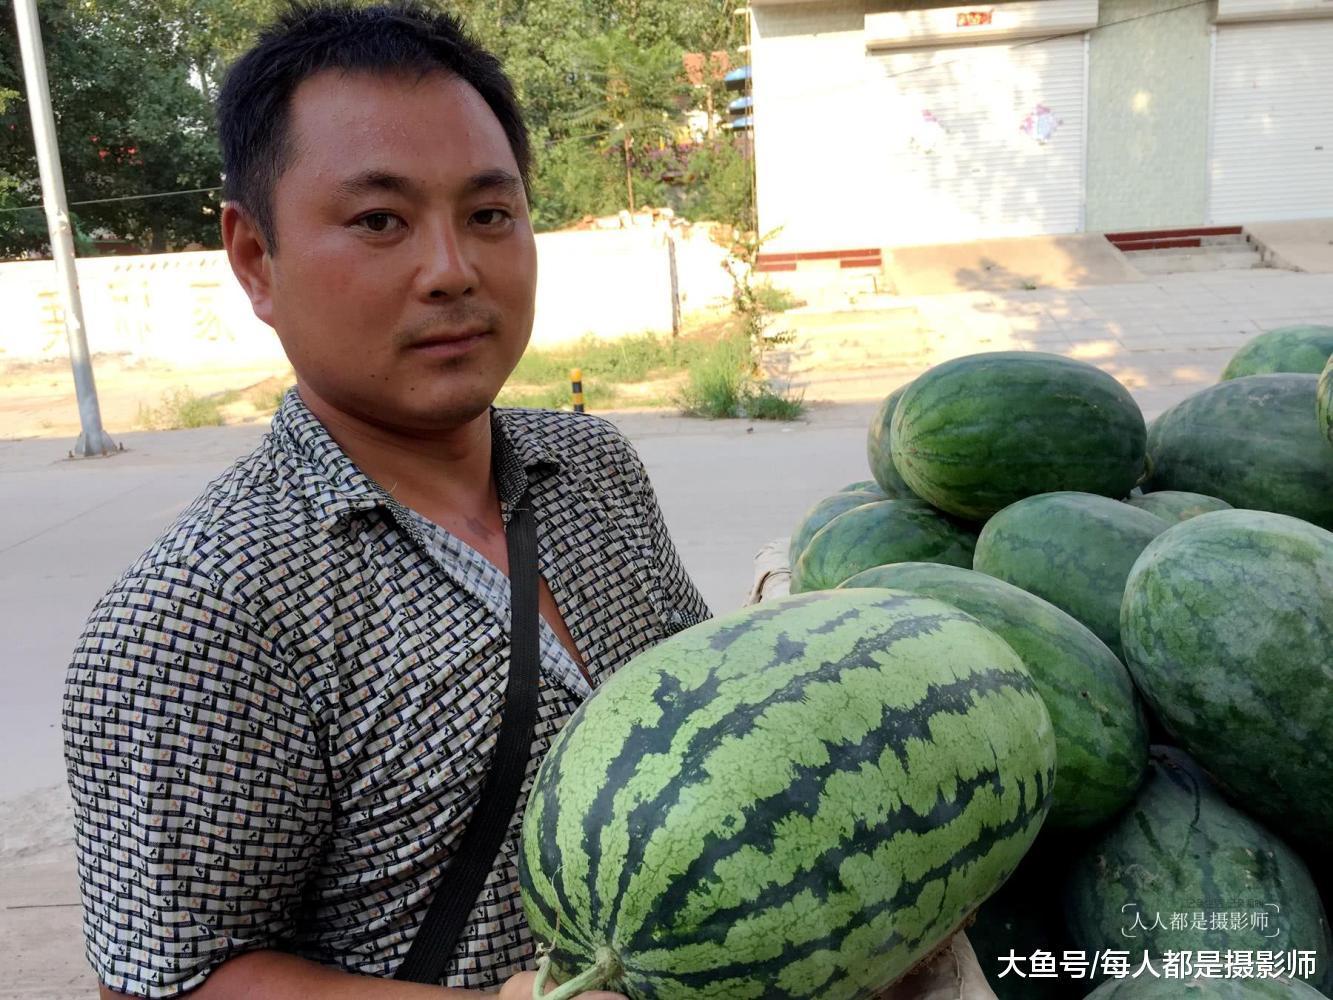 魏振强告诉摄影师,这是本地种植的沙地西瓜,里面的瓜瓤是沙的,含糖量